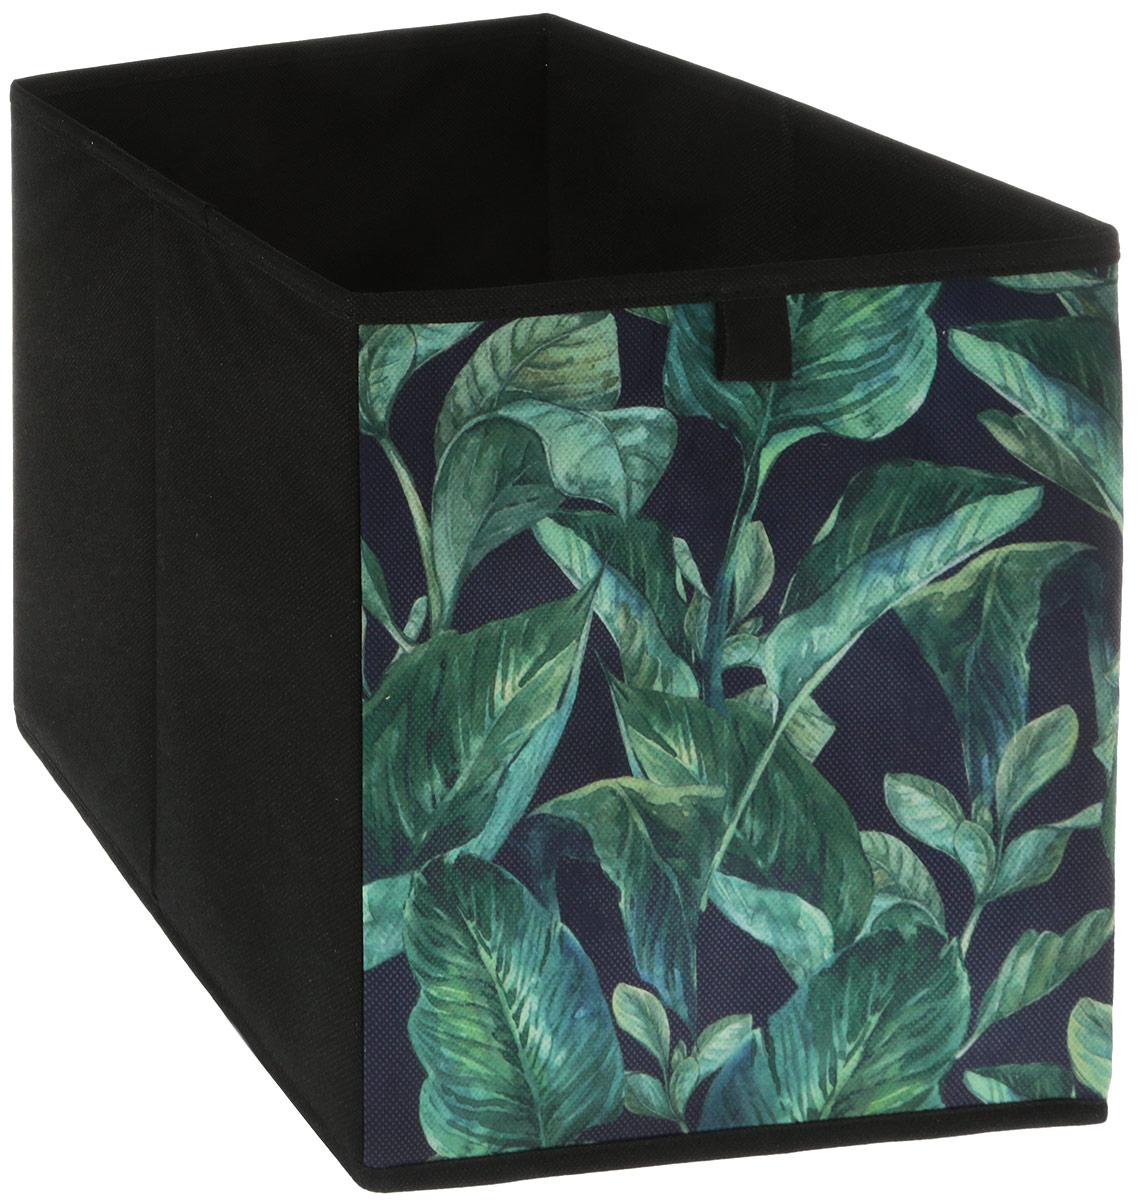 Кофр для хранения вещей GFTC Сирень, складной, цвет: зеленый, черный, 28 х 28 х 28 см. FS-2001-A кофр складной для хранения 28 18 18 см мексика с 2 ручками 1252424